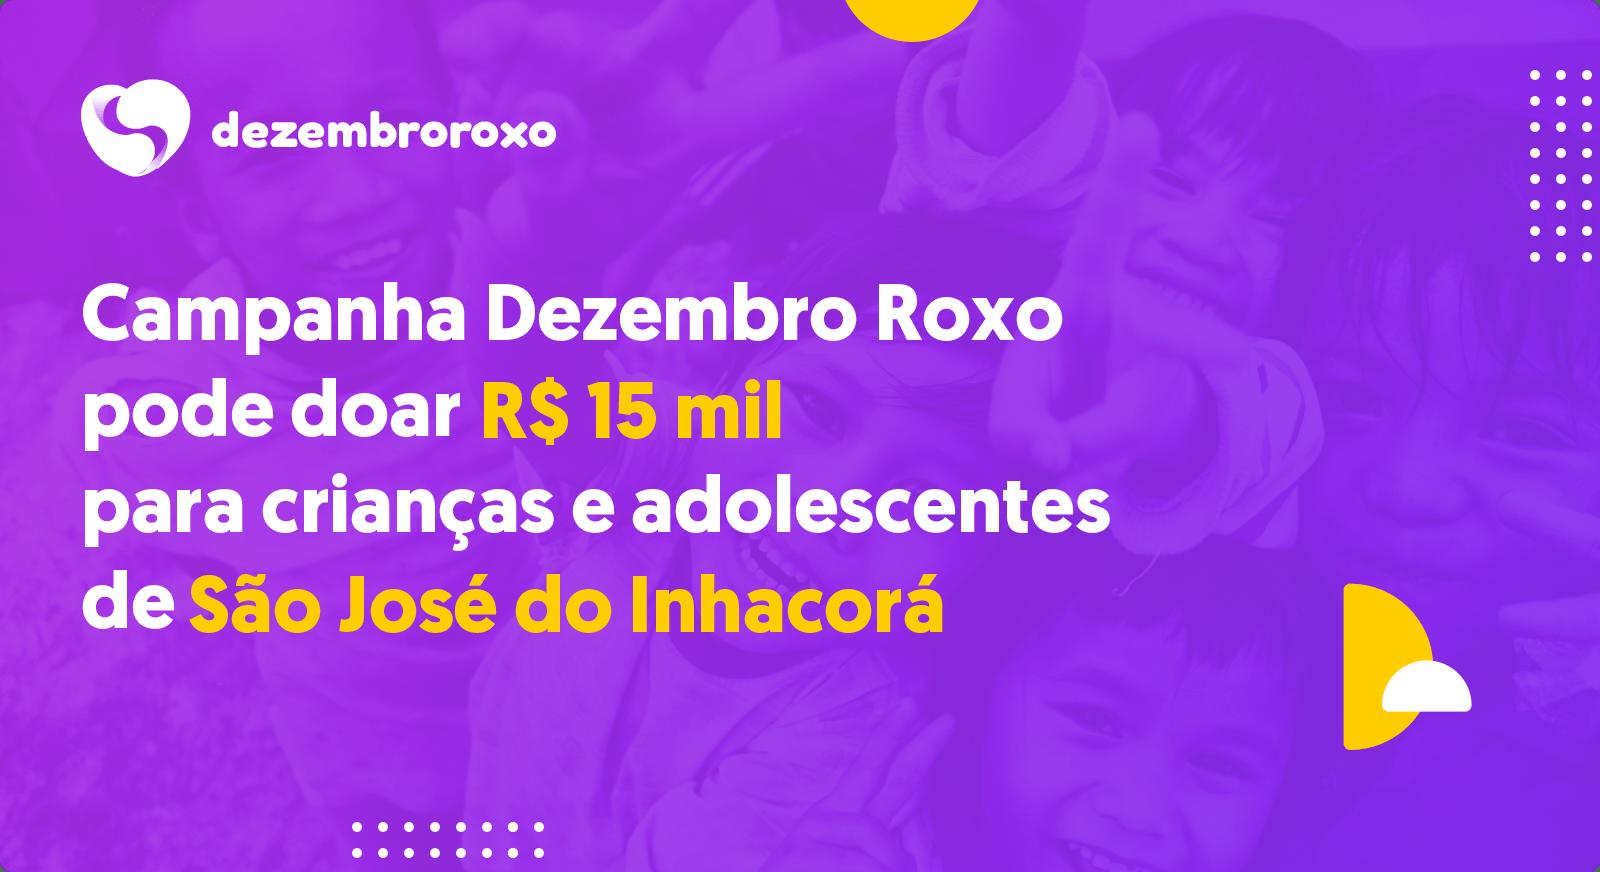 Doações em São José do Inhacorá - RS